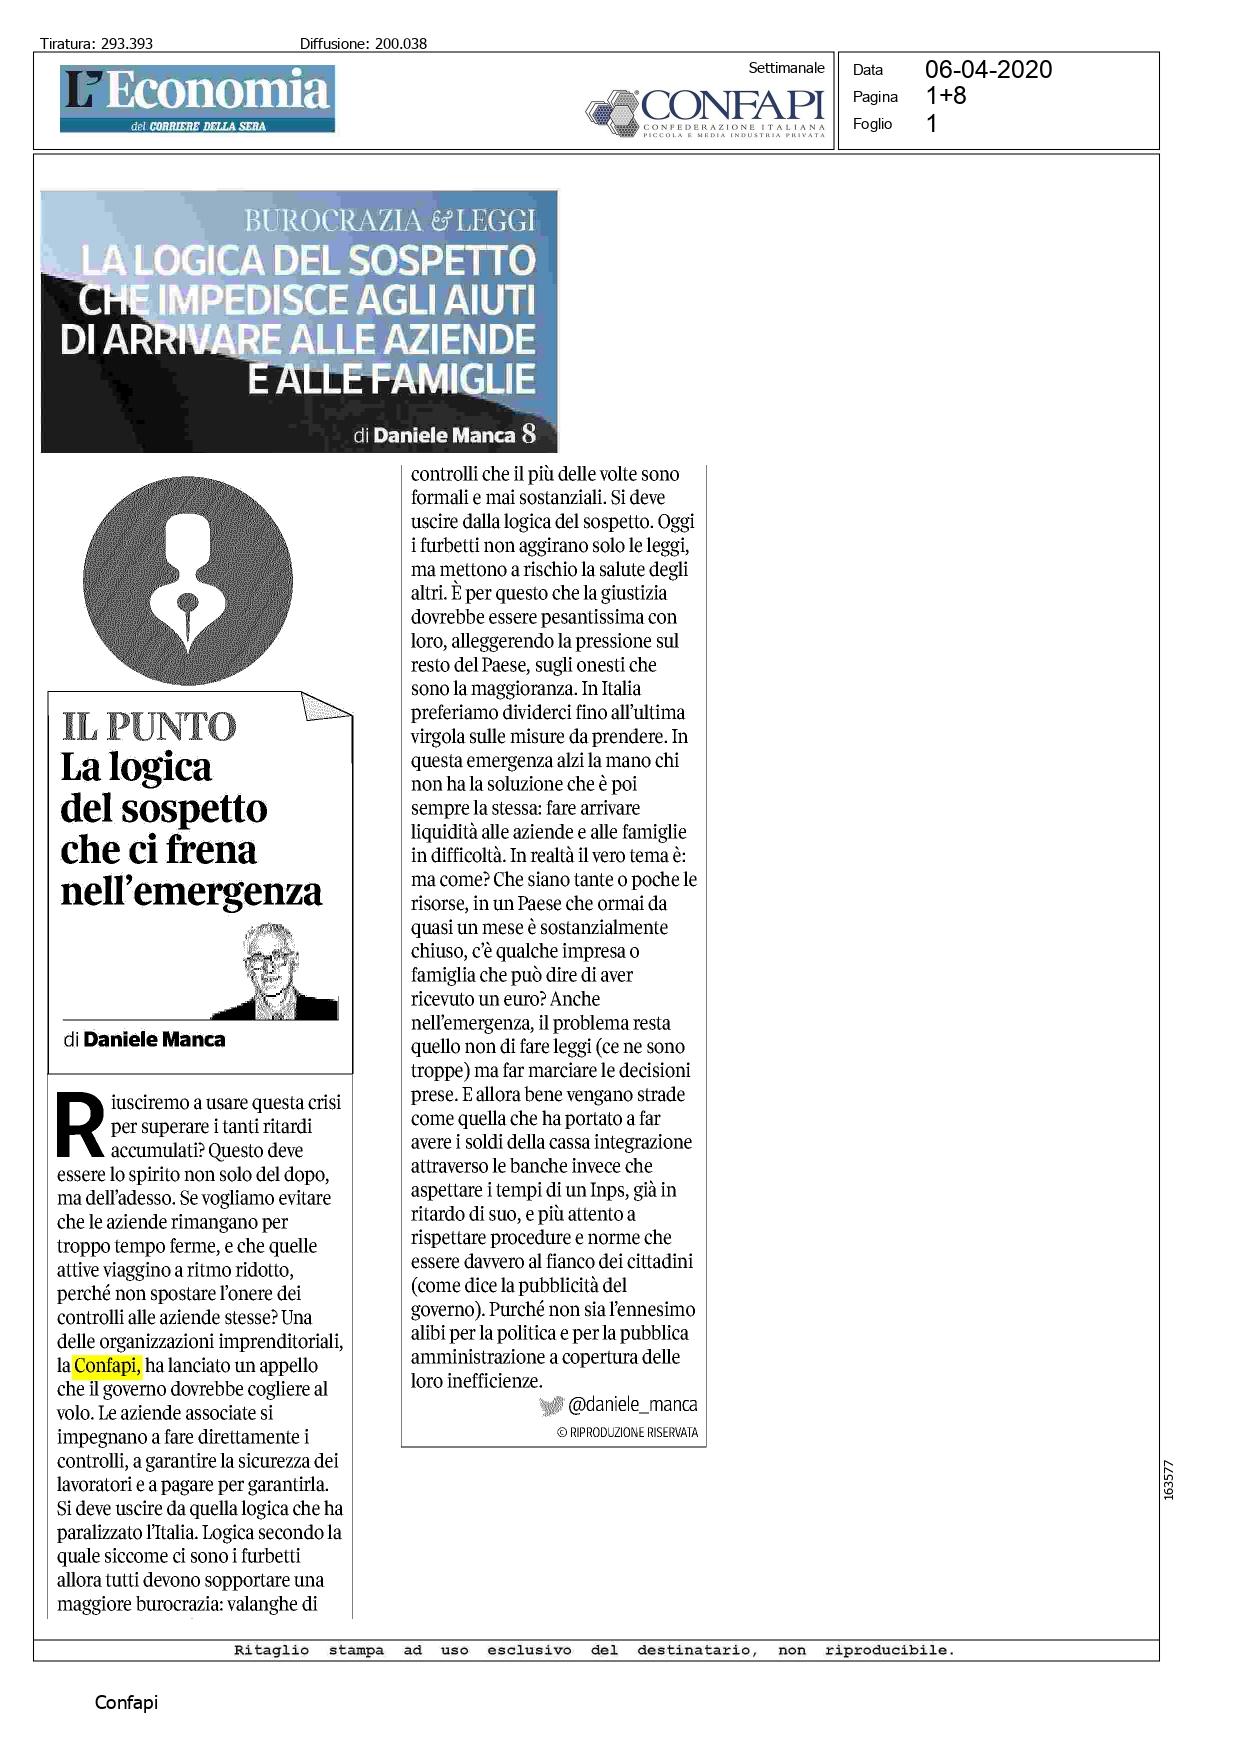 L'iniziativa di Confapi su Corriere della Sera